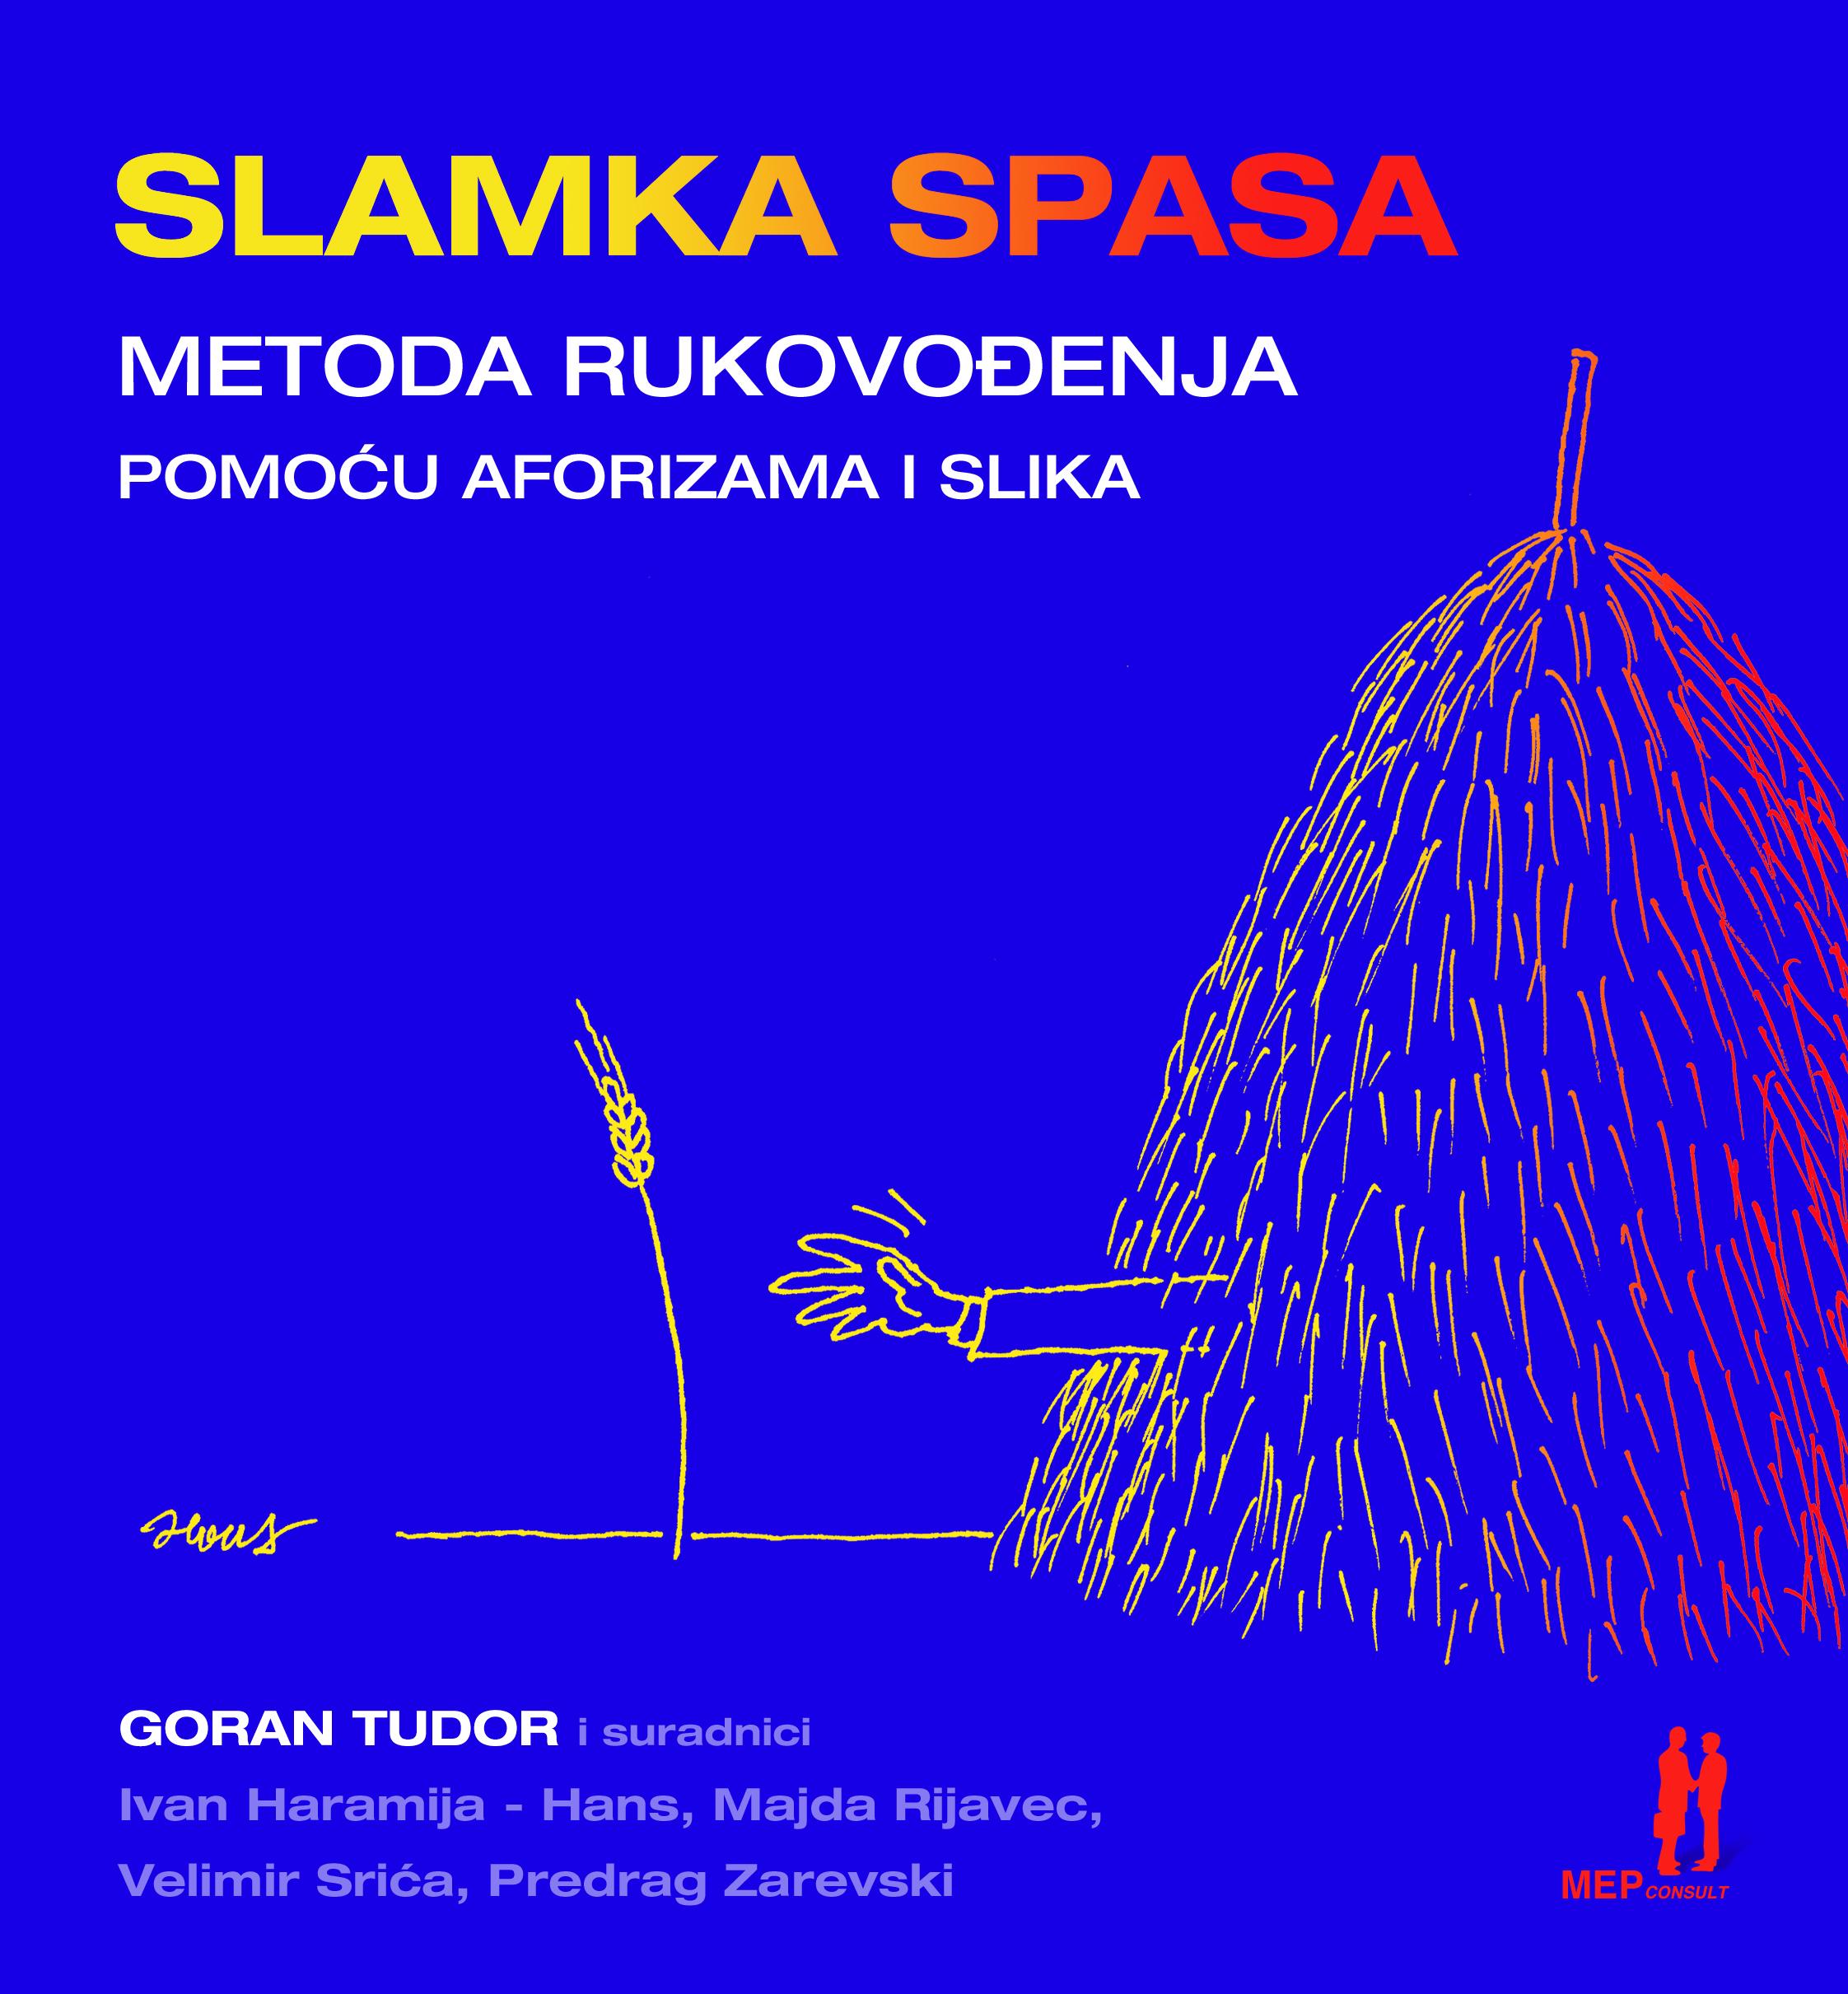 SLAMKA SPASA - Naruči svoju knjigu